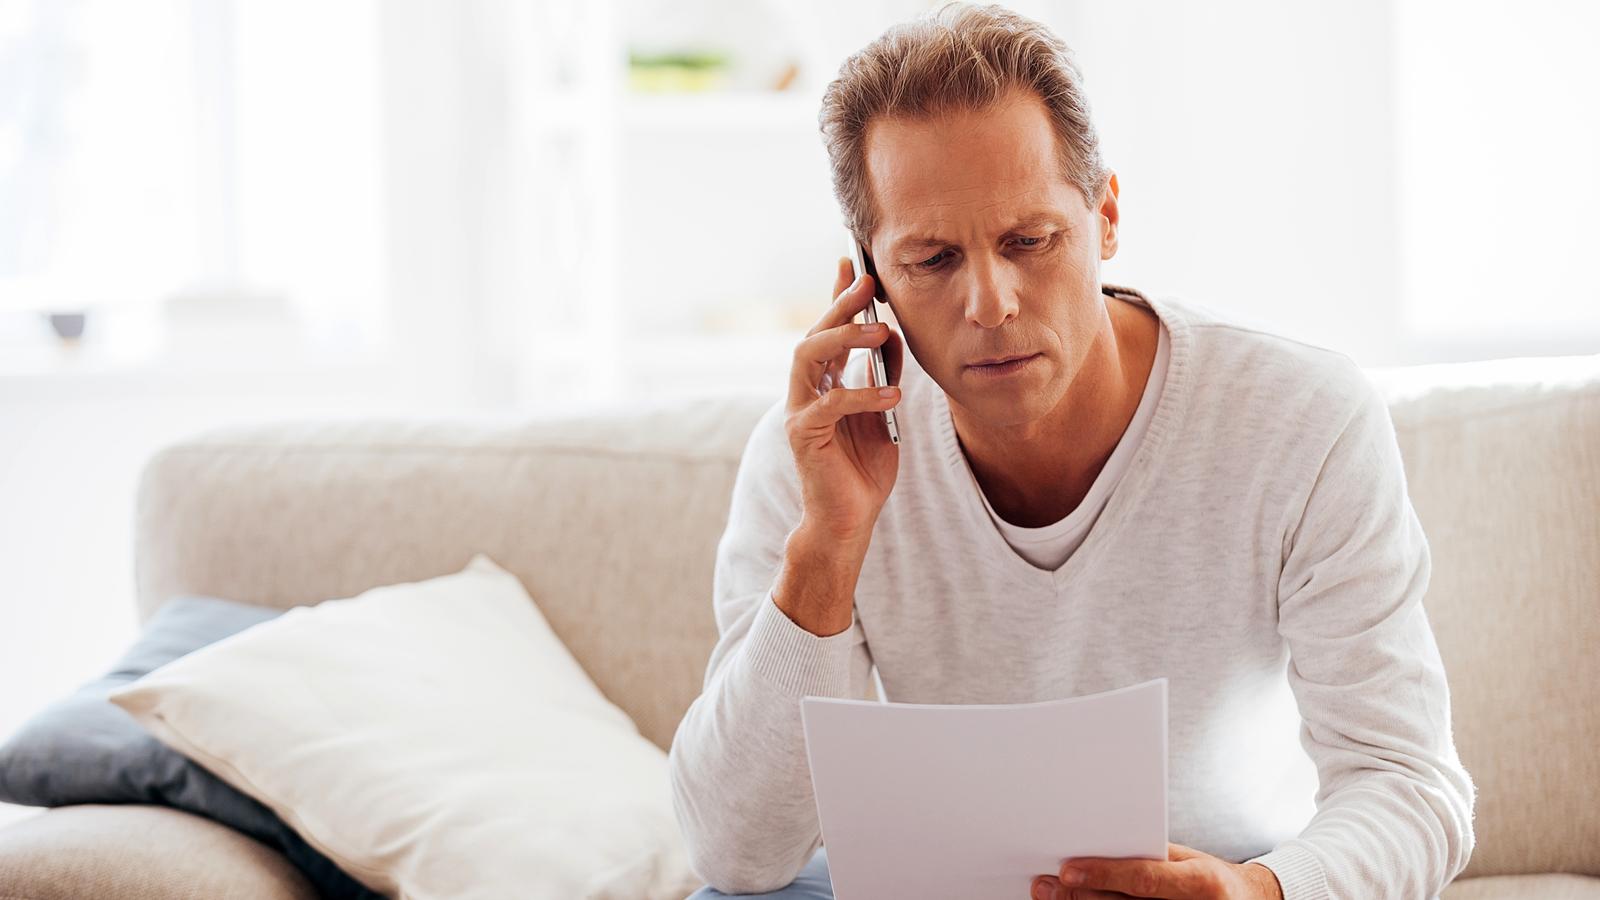 Telecomunicações: cobrança de faturas em papel é ilegal